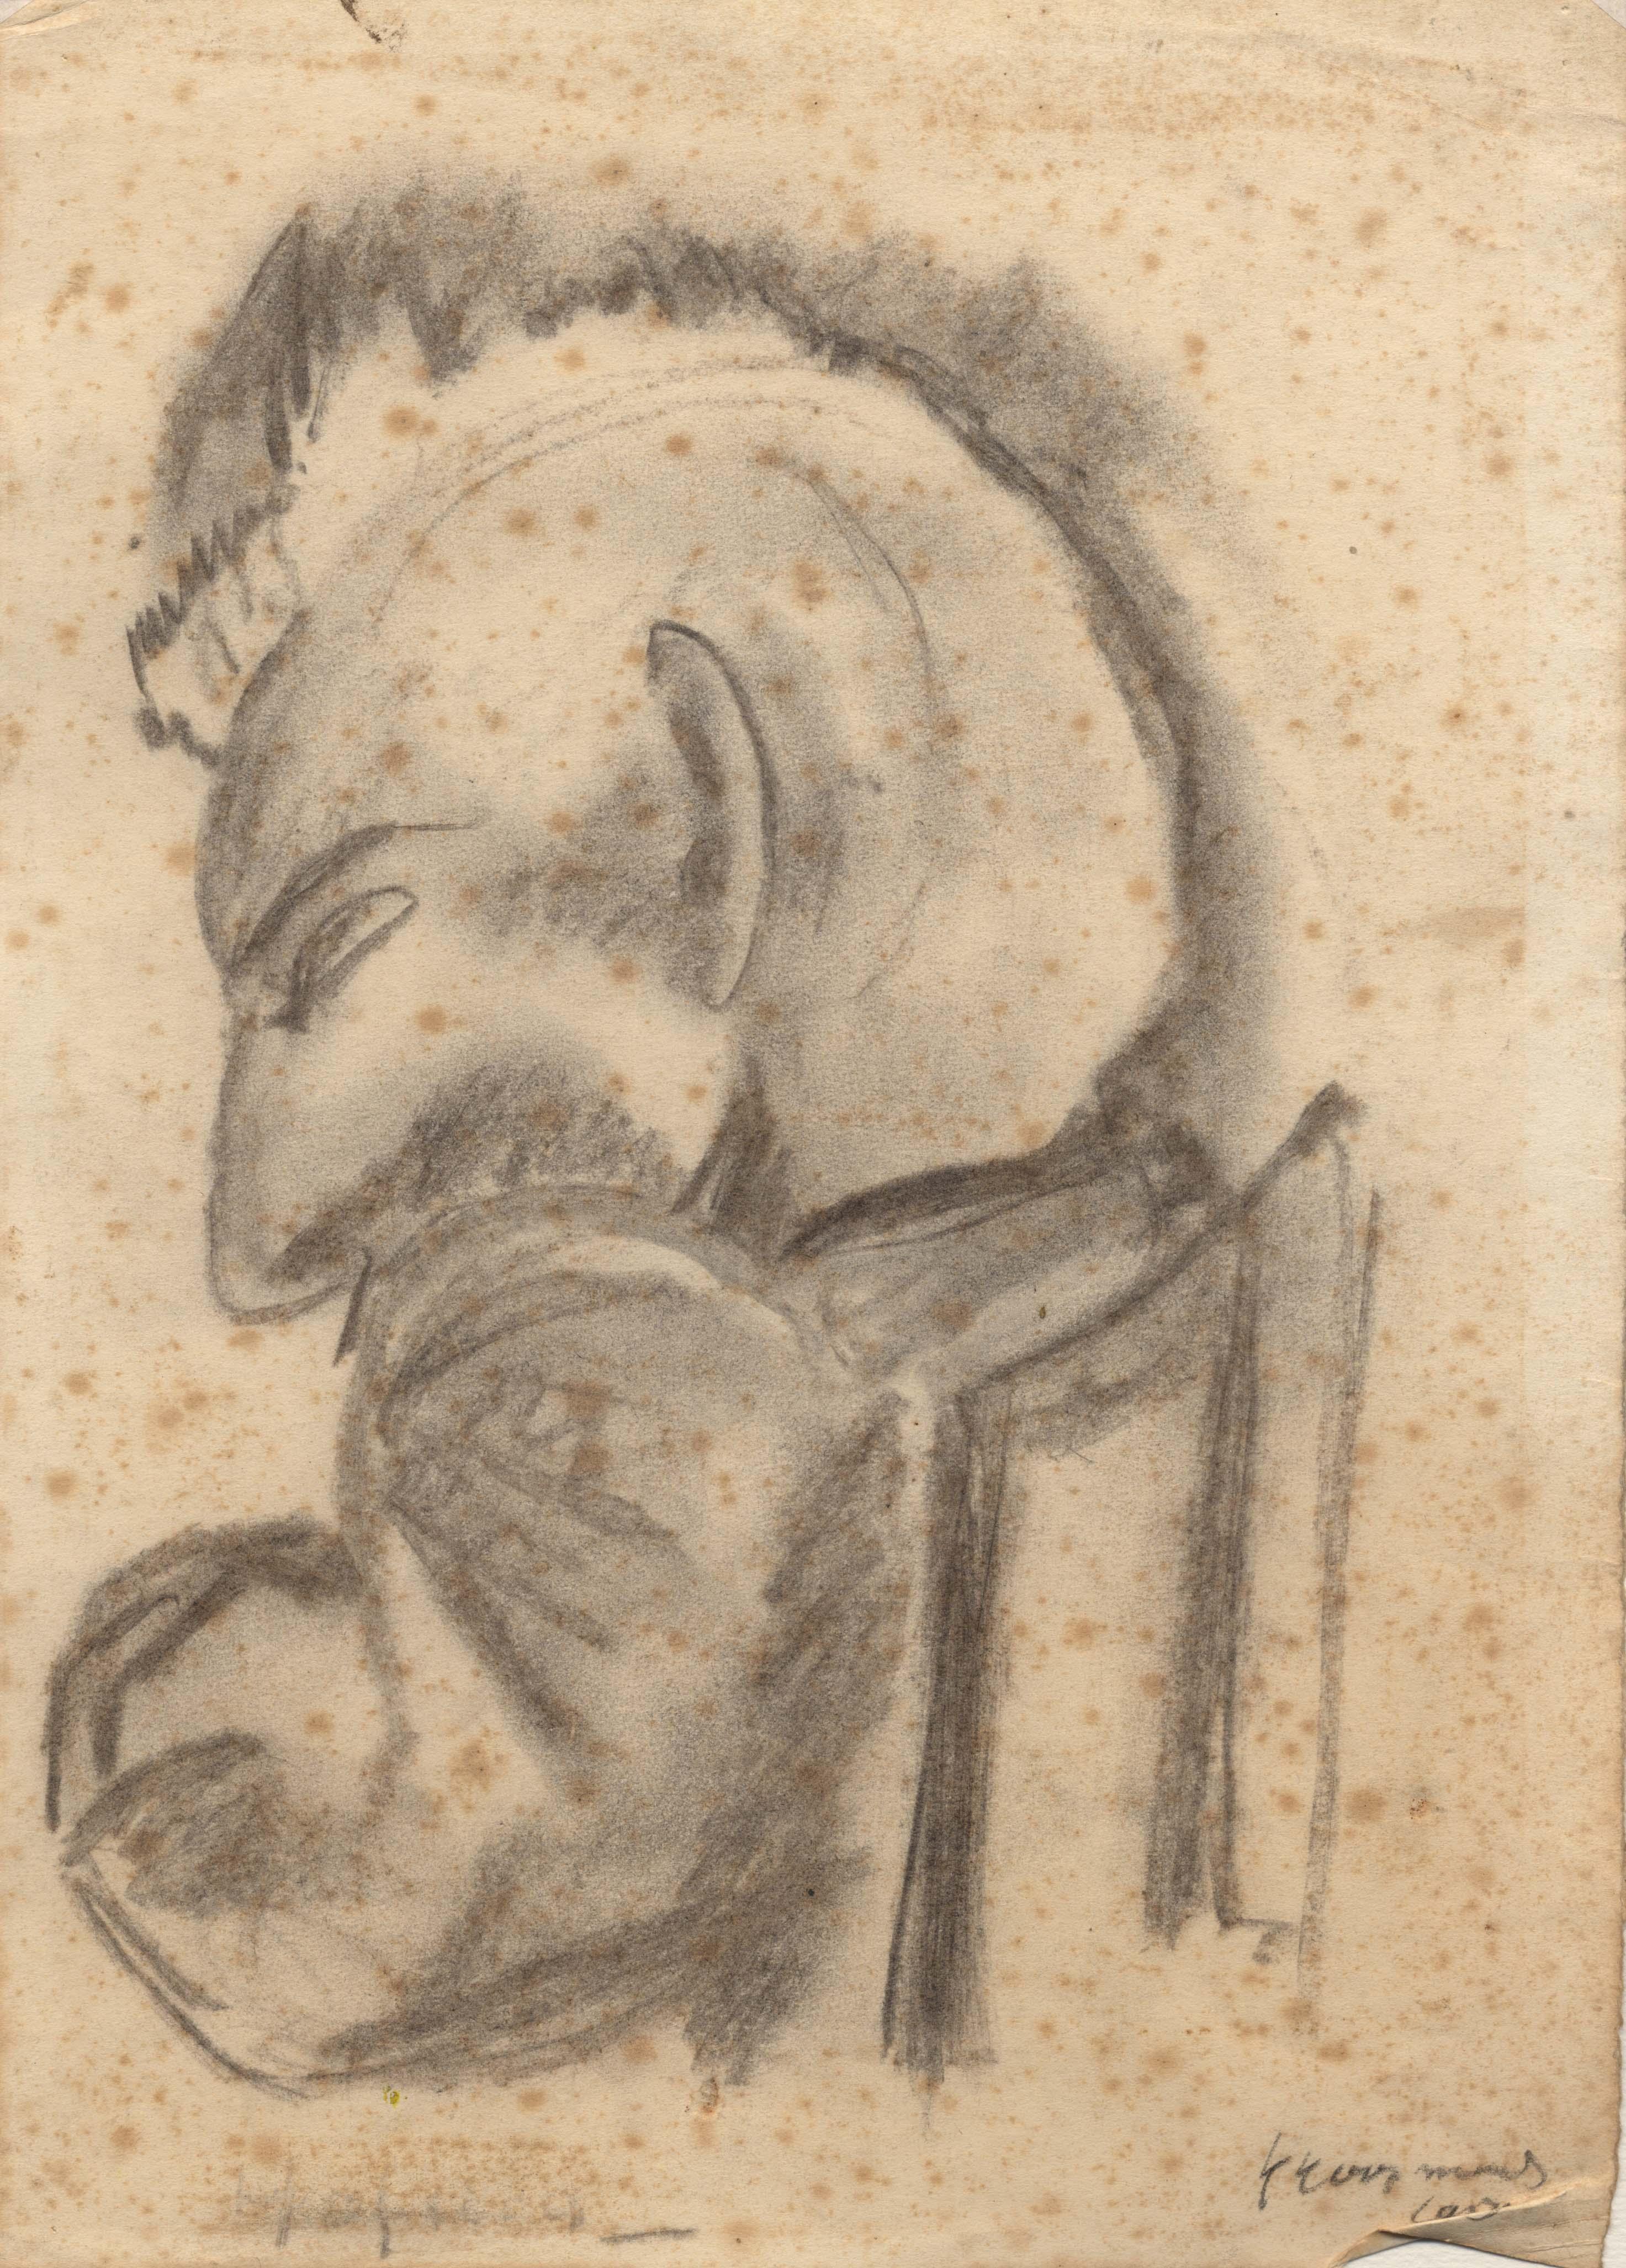 Het portret van een patiënt, met een groot oog